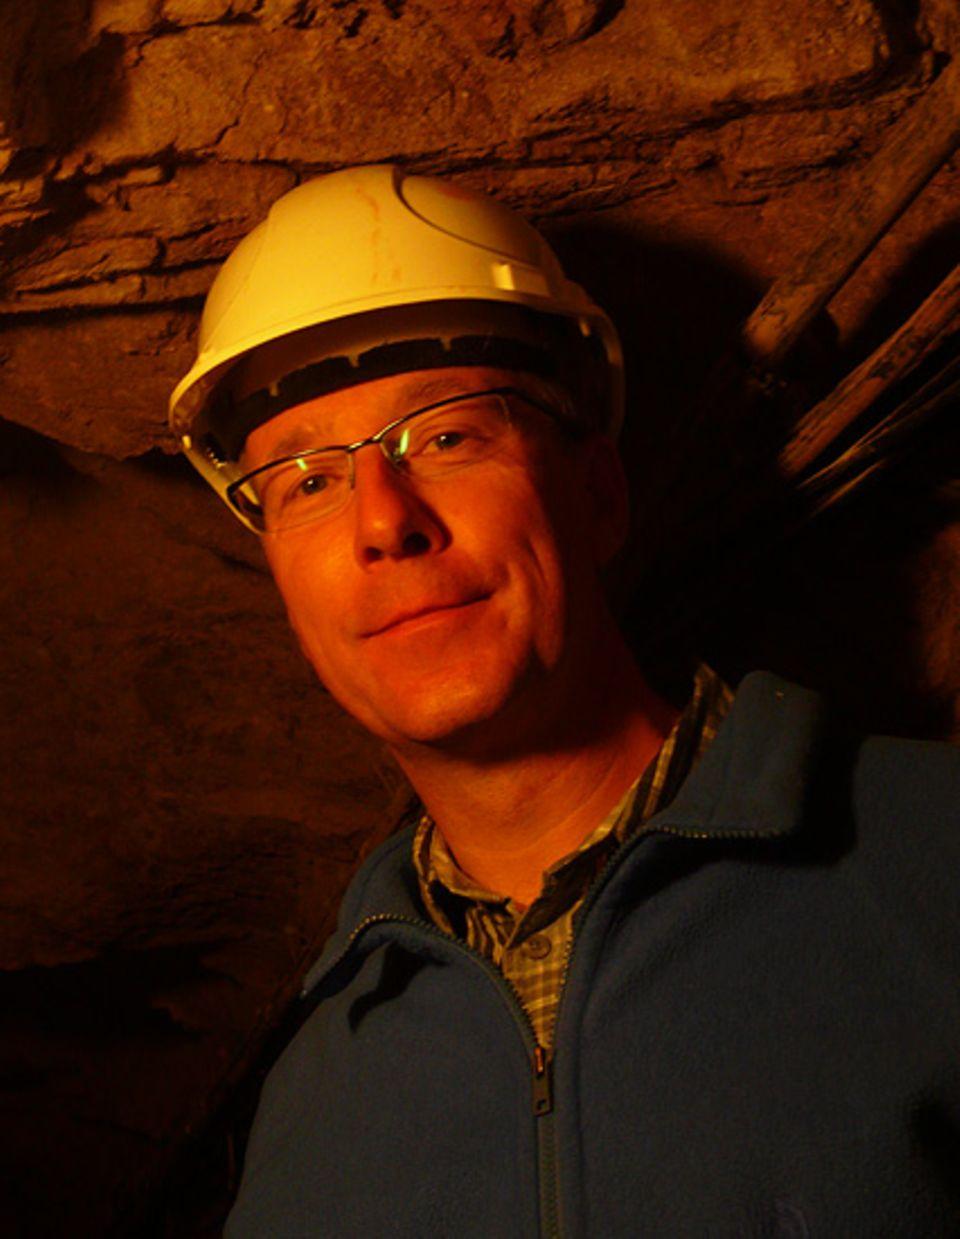 Geophysik: Absolute Ruhe statt Gehämmer unter Tage: Geophysiker Thomas Forbriger im ehemaligen Silberbergwerk bei Schiltach